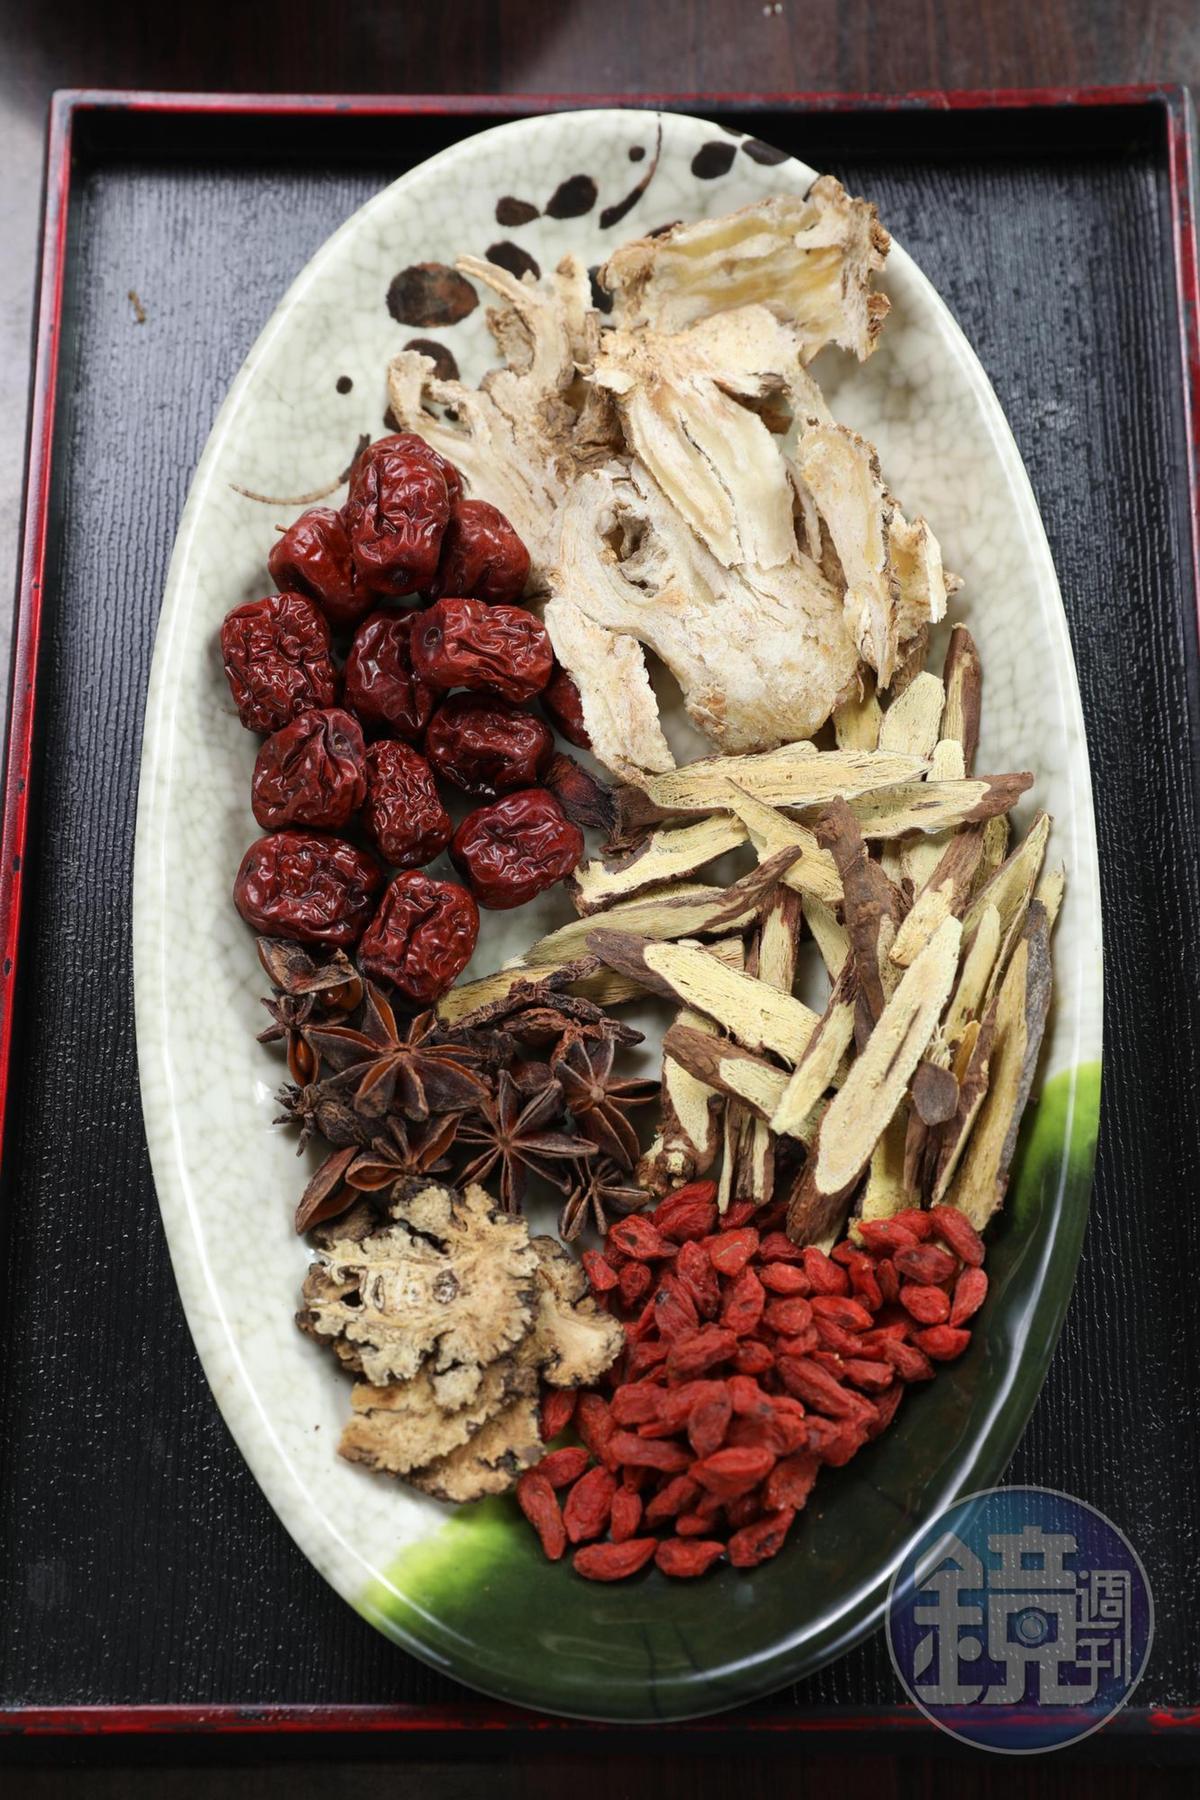 煮肉骨茶的中藥包裡有當歸、川芎,還放了甘草讓湯頭順喉,甜味來自紅棗跟枸杞。